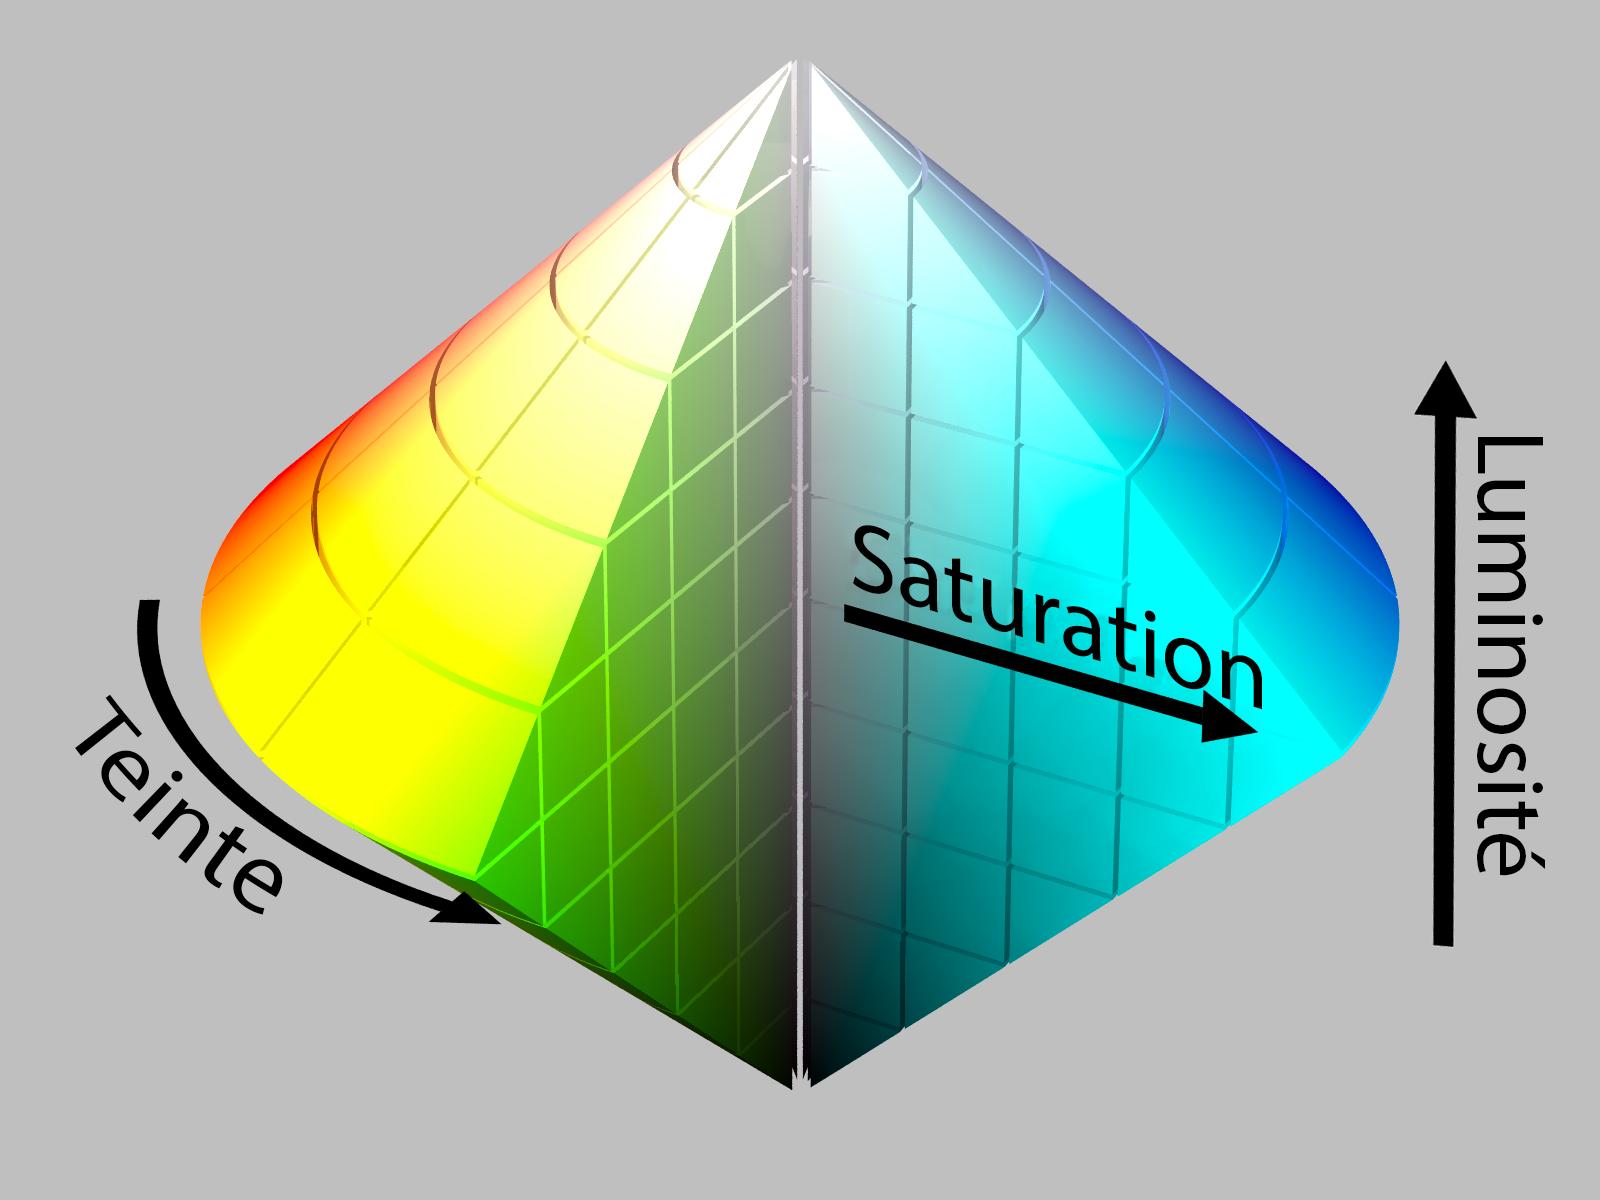 Représentation de la saturation et de la teinte